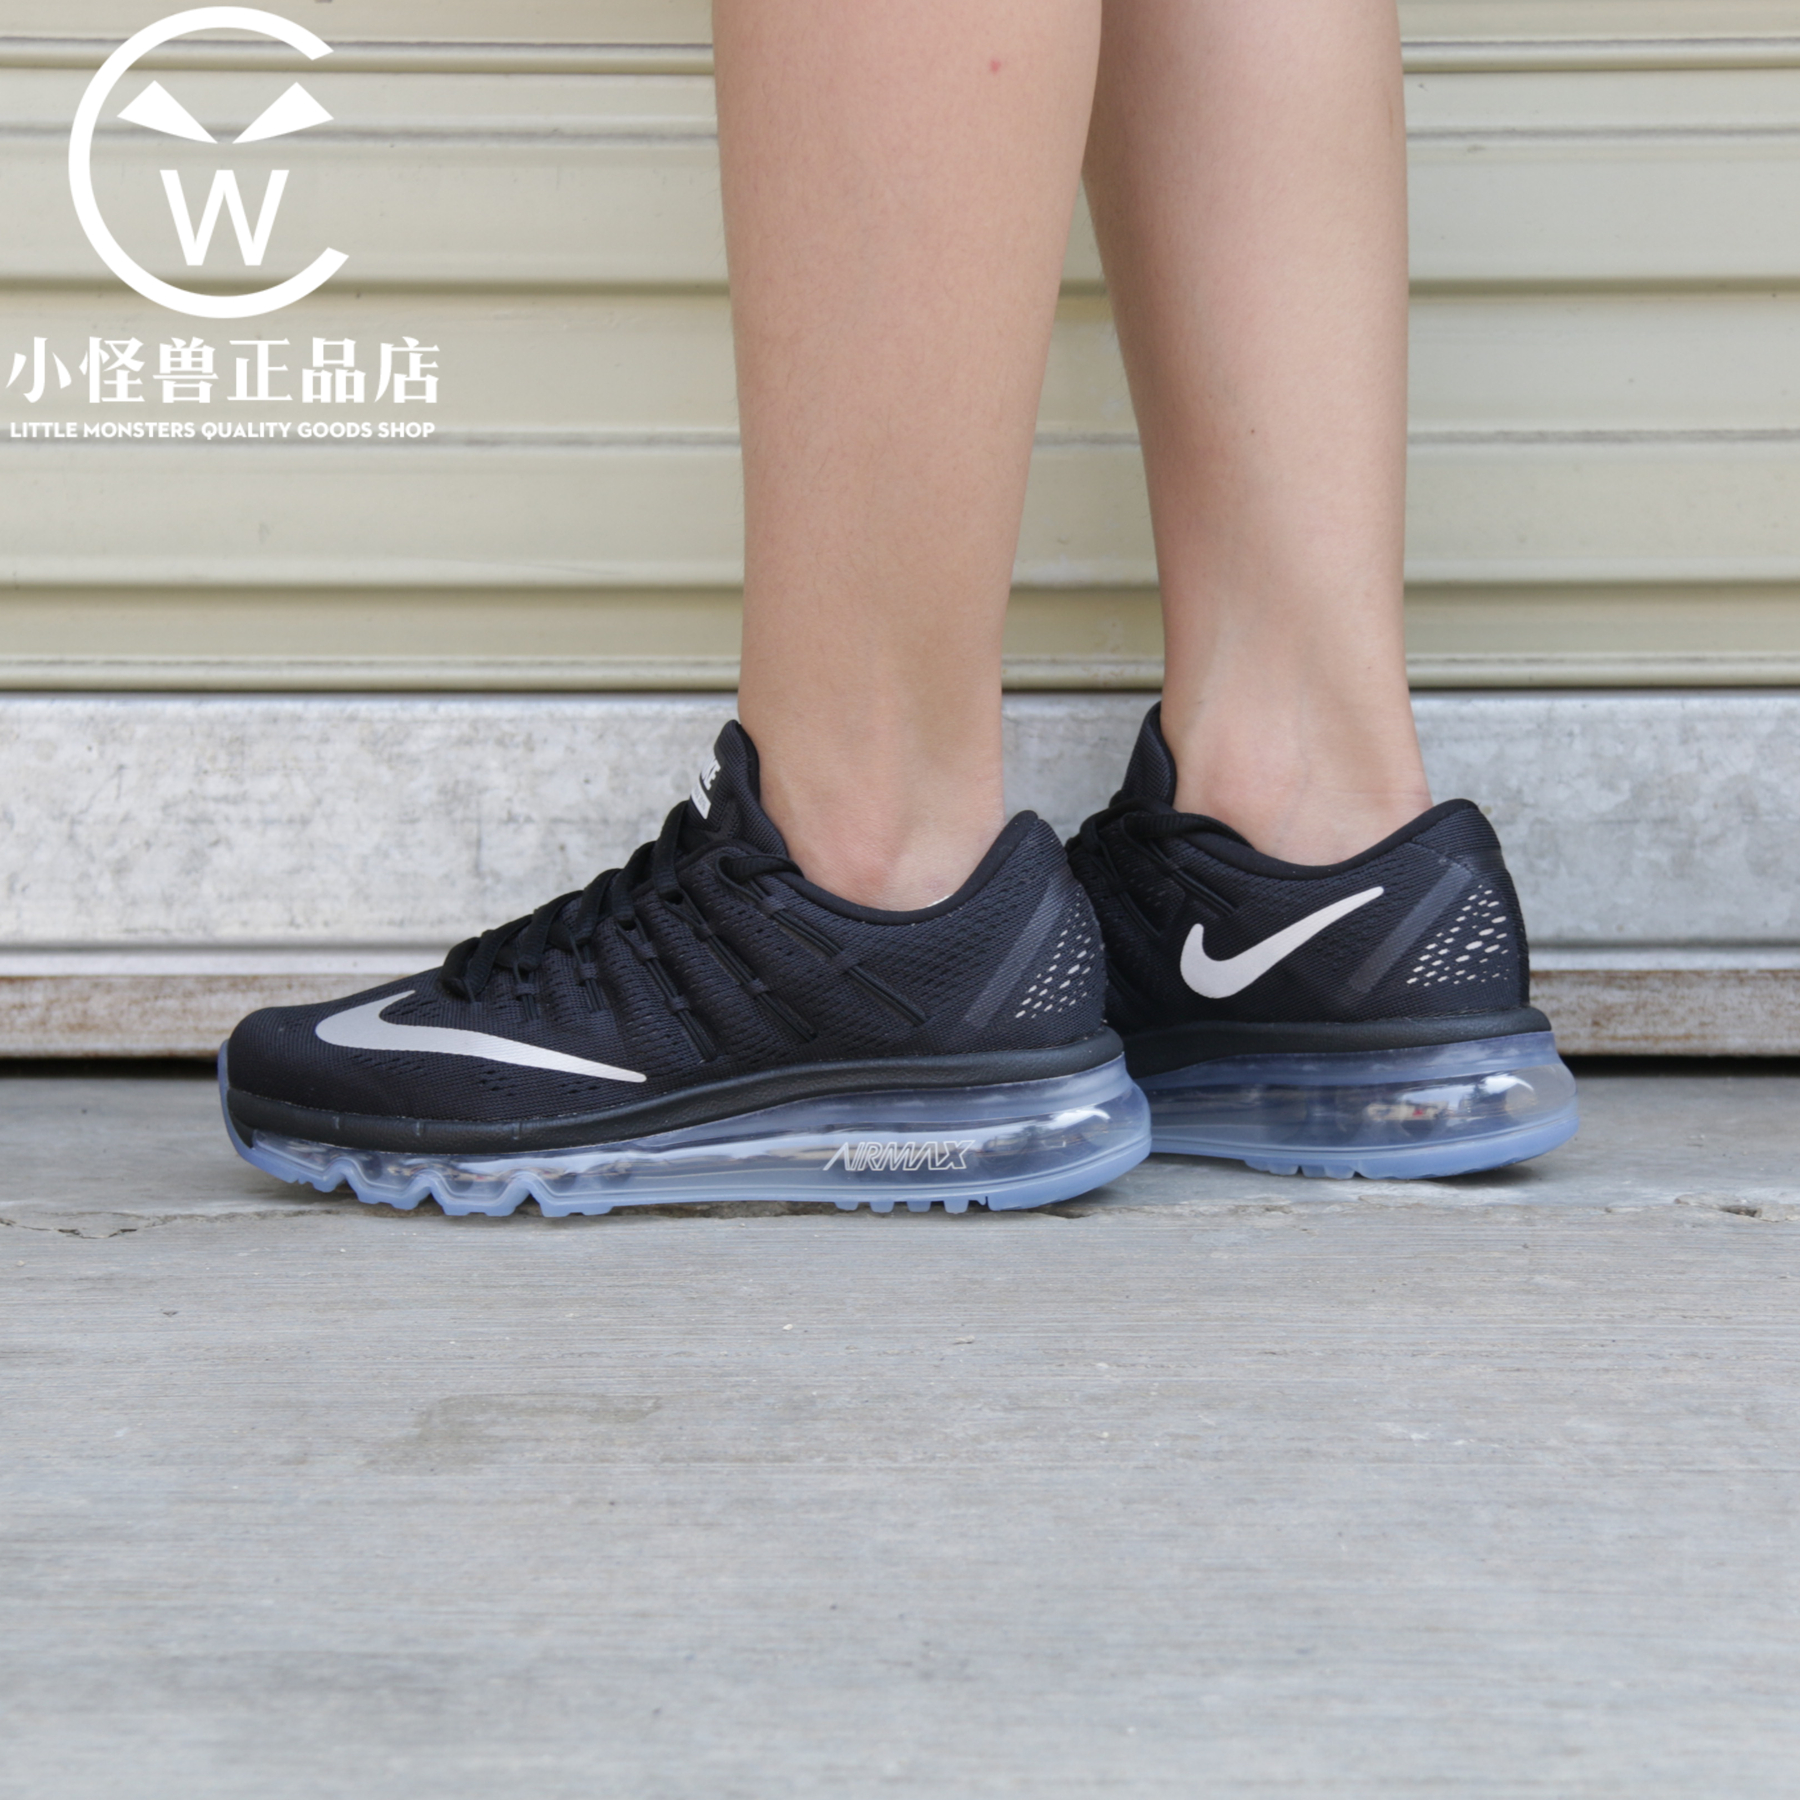 耐克气垫运动鞋 Nike耐克 女子全掌气垫3M女跑步运动鞋 806772-001_推荐淘宝好看的女耐克气垫运动鞋